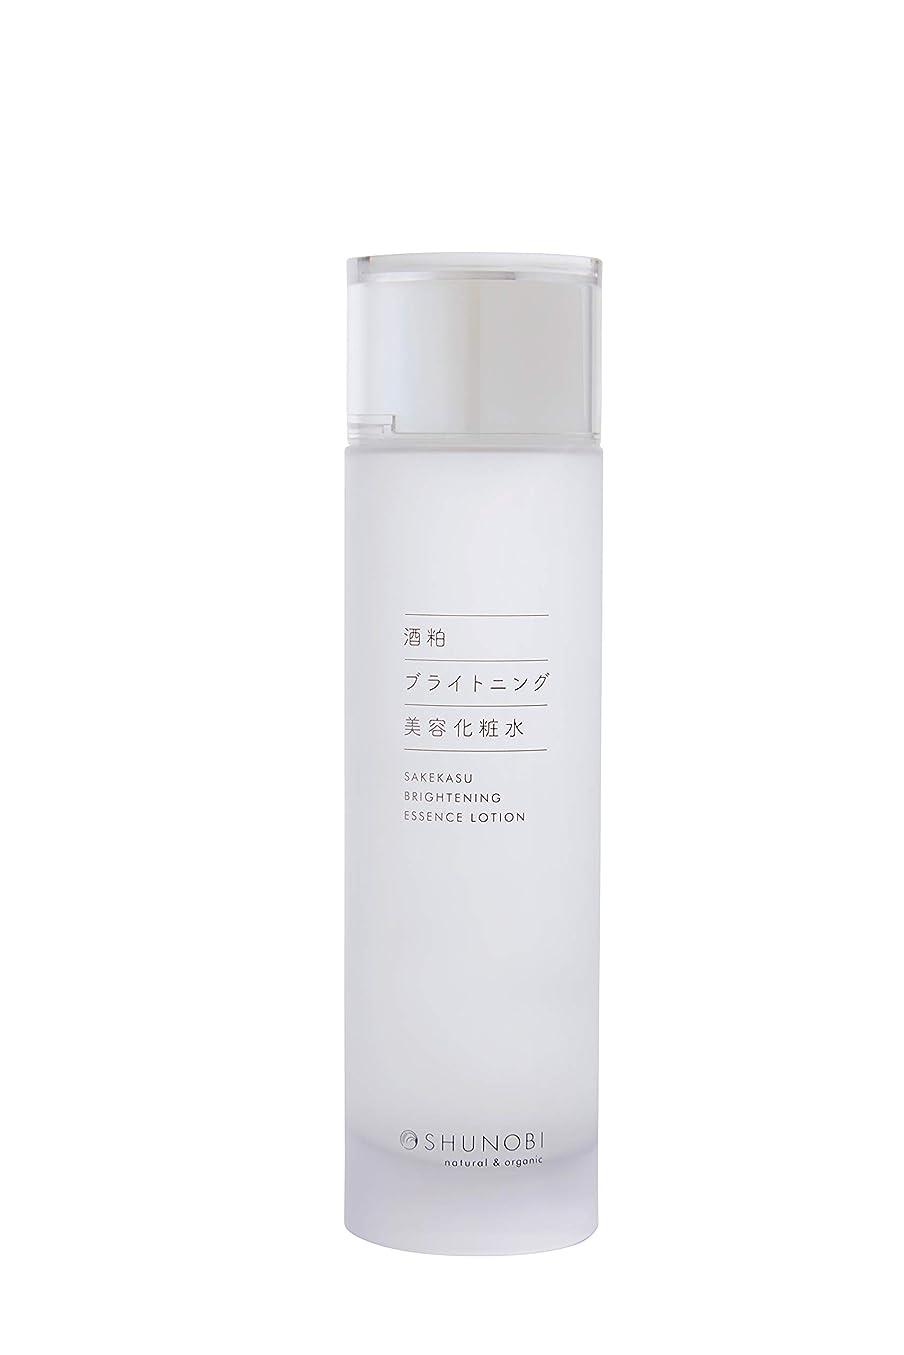 排除検査知覚できるSHUNOBI 酒粕ブライトニング美容化粧水 150ml